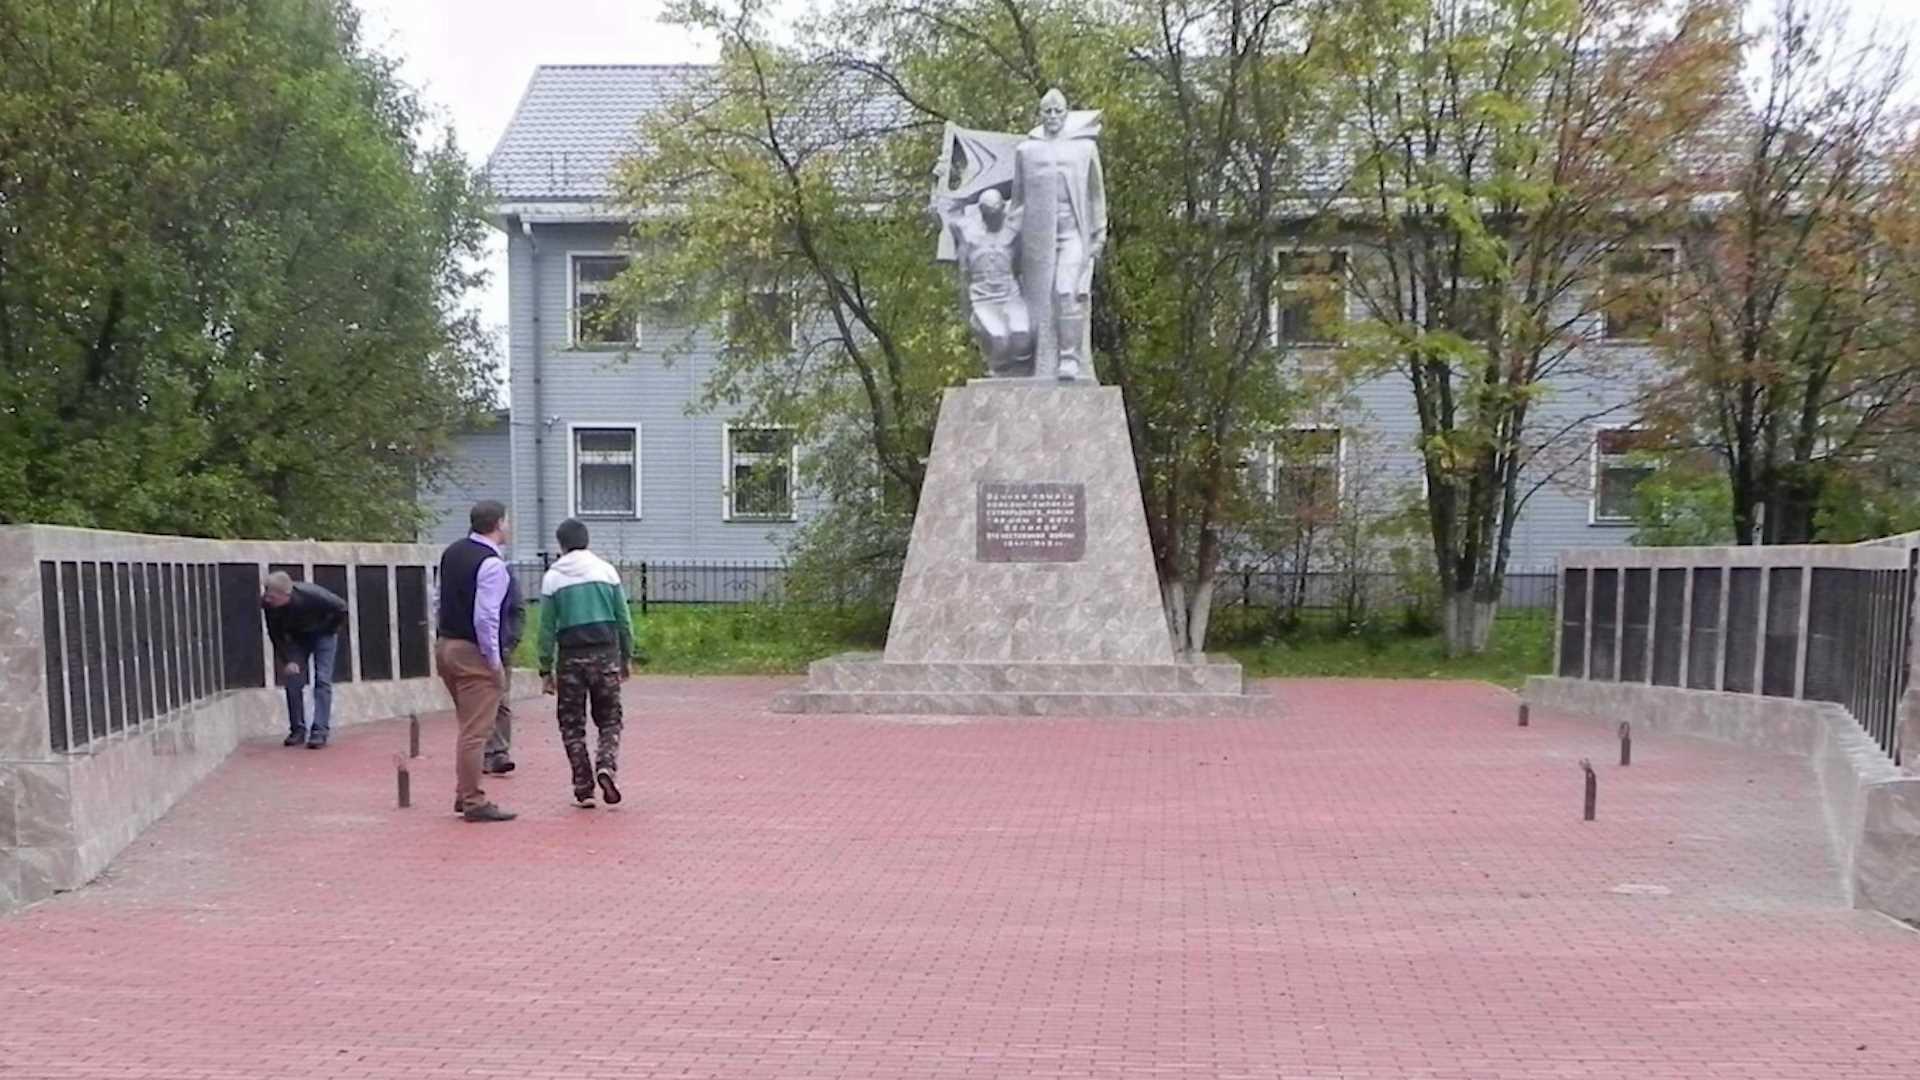 Памятник в костромской райцентре осветят новыми прожекторами